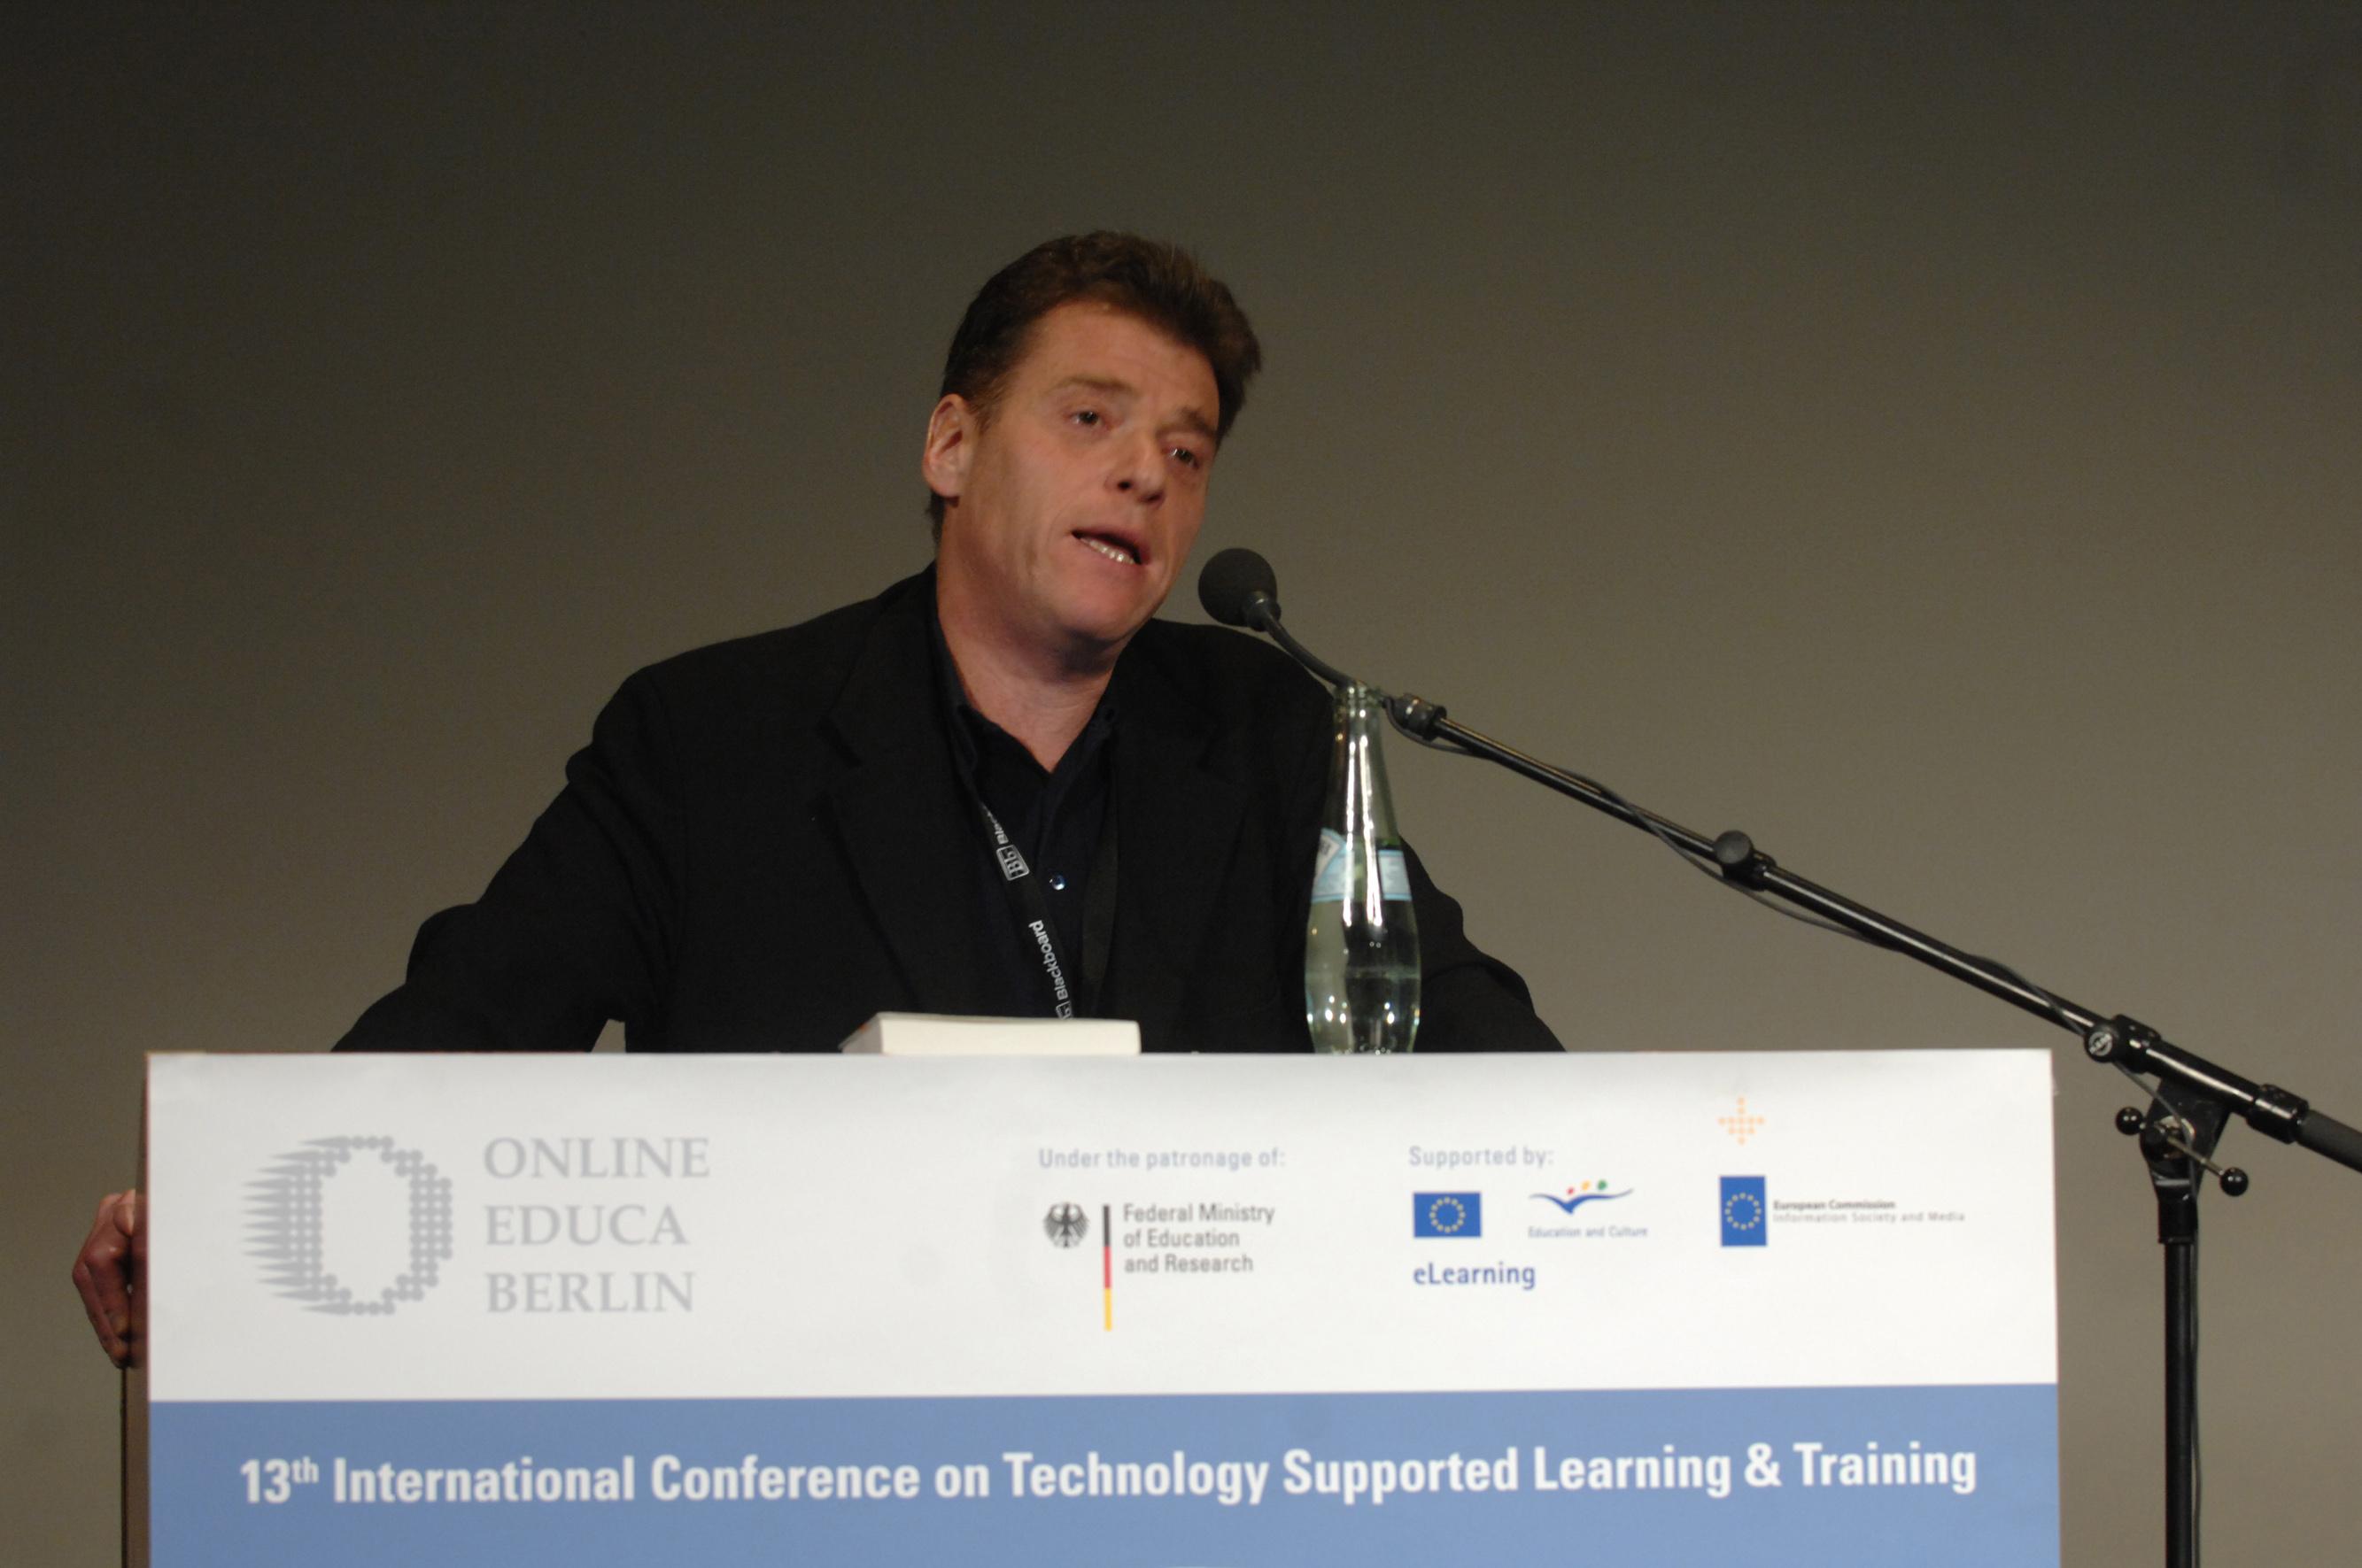 Andrew Keen, såsom han presenteras i det... hupp, användargenererade uppslagsverket Wikipedia